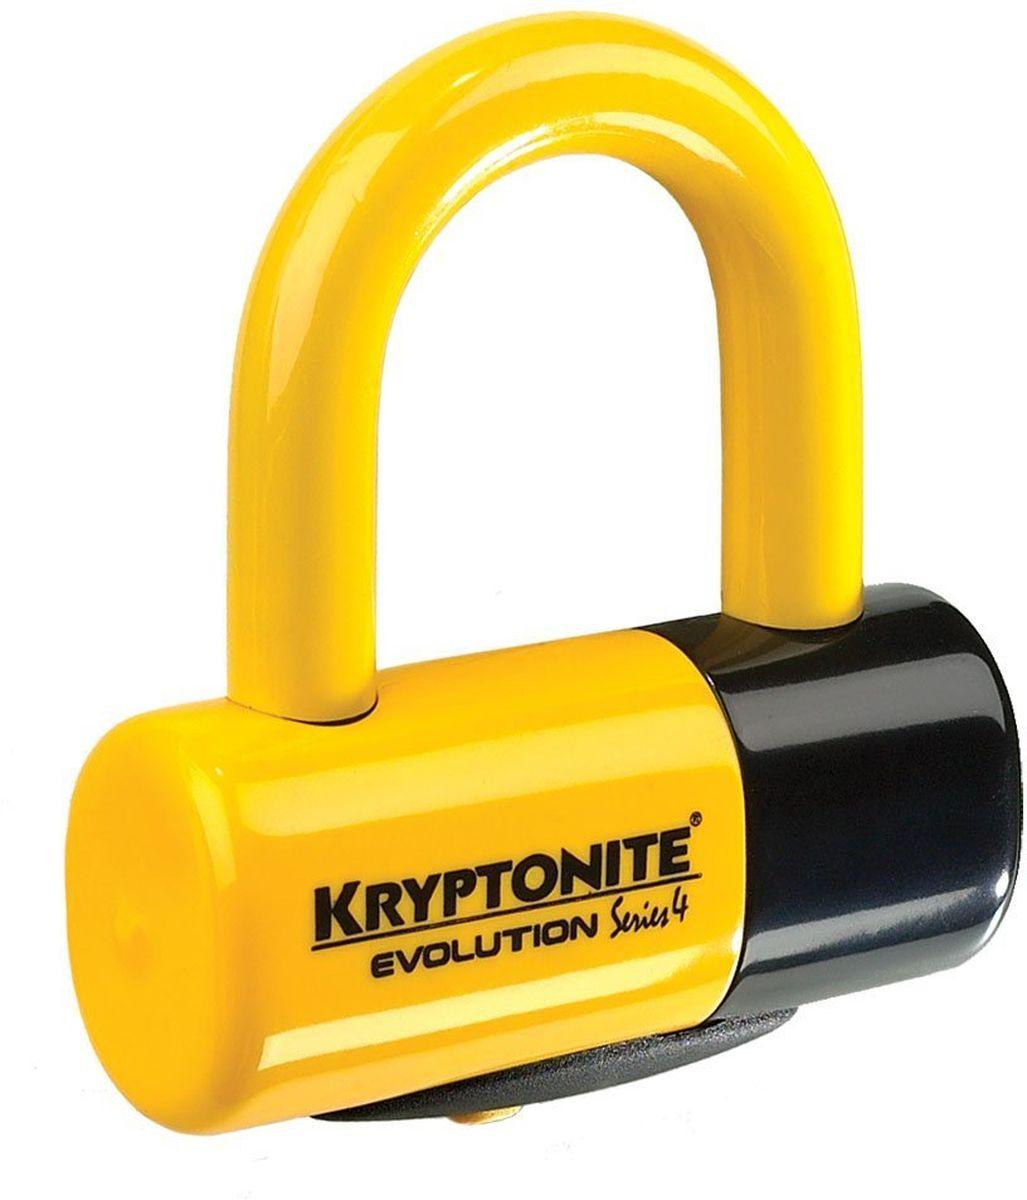 Замок велосипедный Kryptonite Disc Locks Evolution Series 4 Disc Lock, цвет: желтый, 4,8 х 5,4 смWRA523700Evolution Series 4 Disc Lock - это компактный противоугонный замок. Данный замок изготовлен из закалённой стали, противостоящей взлому с использованием режущего и пилящего инструмента. По классификации замок имеет 8 из 10 степень защиты. В комплекте предусмотрены 3 ключа. Виниловая оболочка замка защищает диски от царапин.Характеристики:- Скоба имеет диаметр 14 мм и сделана из каленой стали;- Система высокой надежности, с двойным усилением;- Размер замка: 48 мм х 54 мм.Вес замка: 0.84 кг.